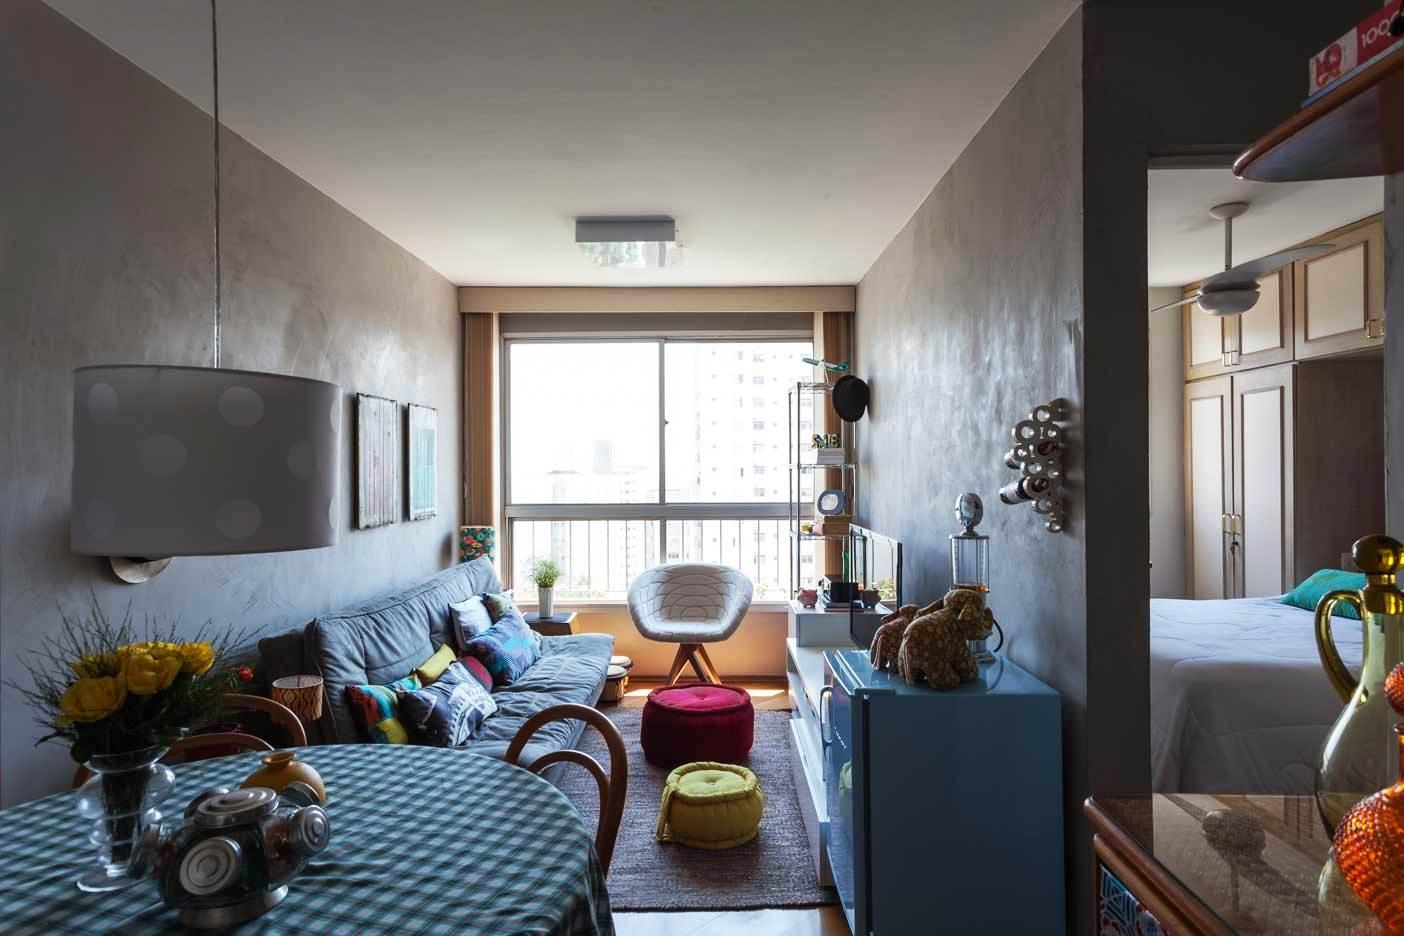 Однокомнатная квартира 40 кв м с балконом